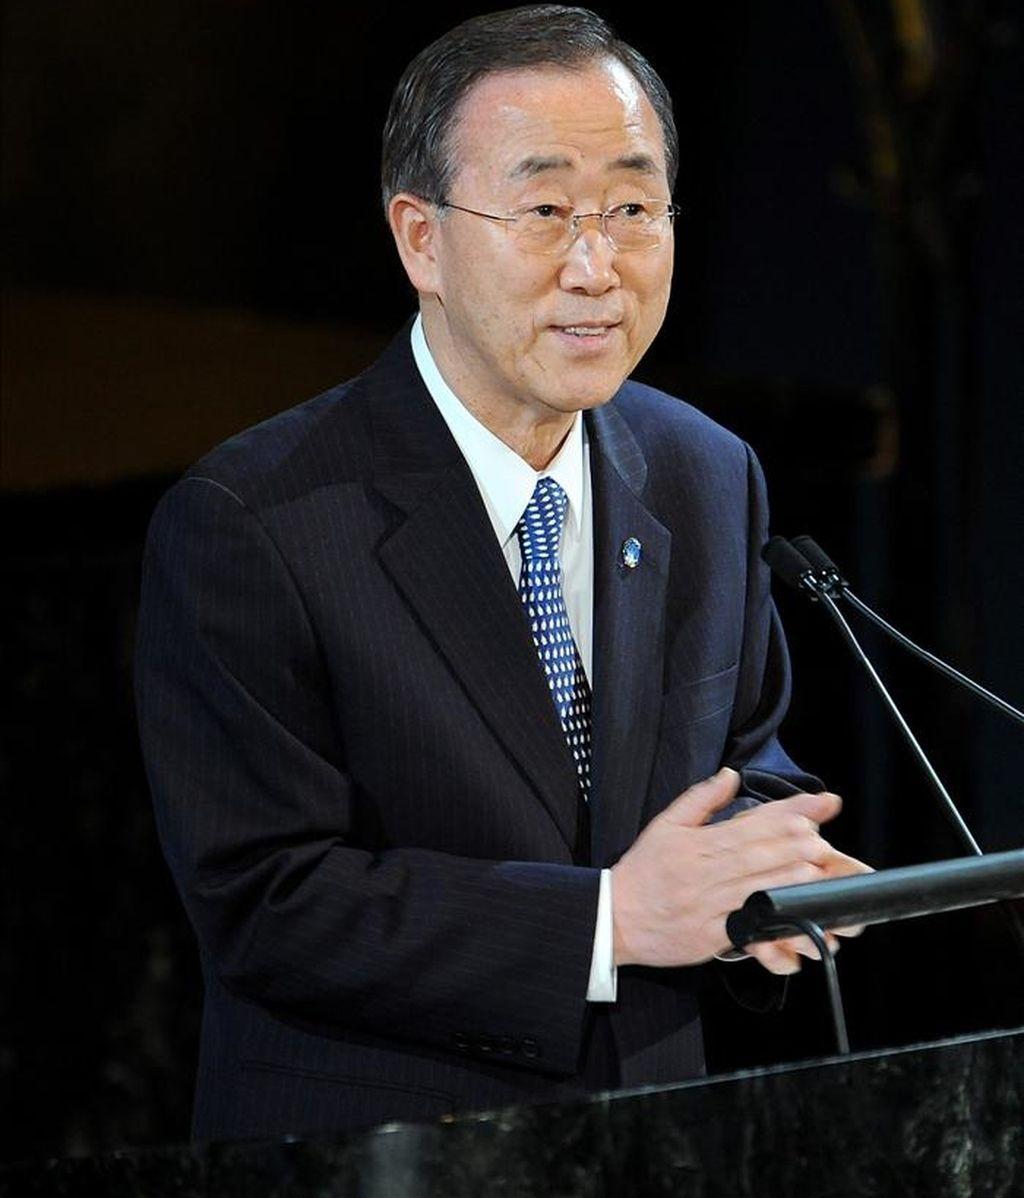 El Secretario General de la ONU, Ban Ki-moon, debe entregar ese documento al Consejo de Seguridad de Naciones Unidas antes de decidir sobre la renovación del mandato de la Misión de la ONU para el Referéndum en el Sahara Occidental (Minurso). EFE/Archivo